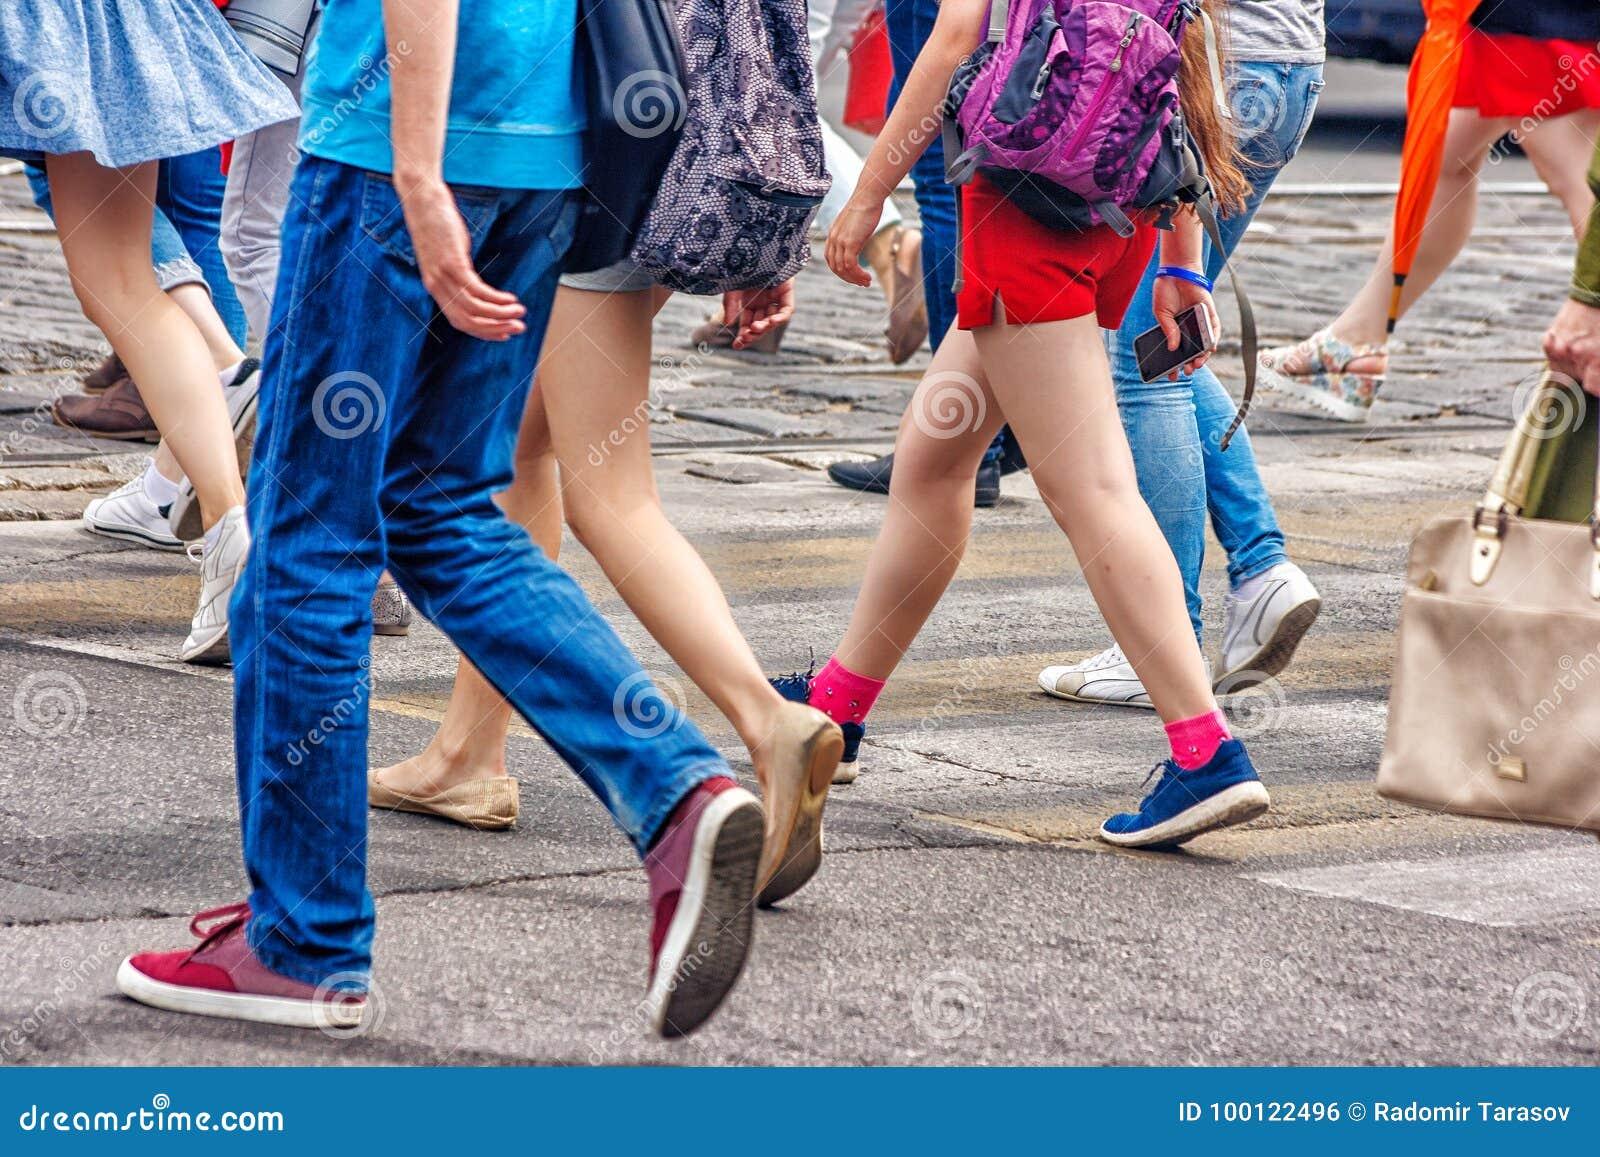 People walking on a pedestrian crossing